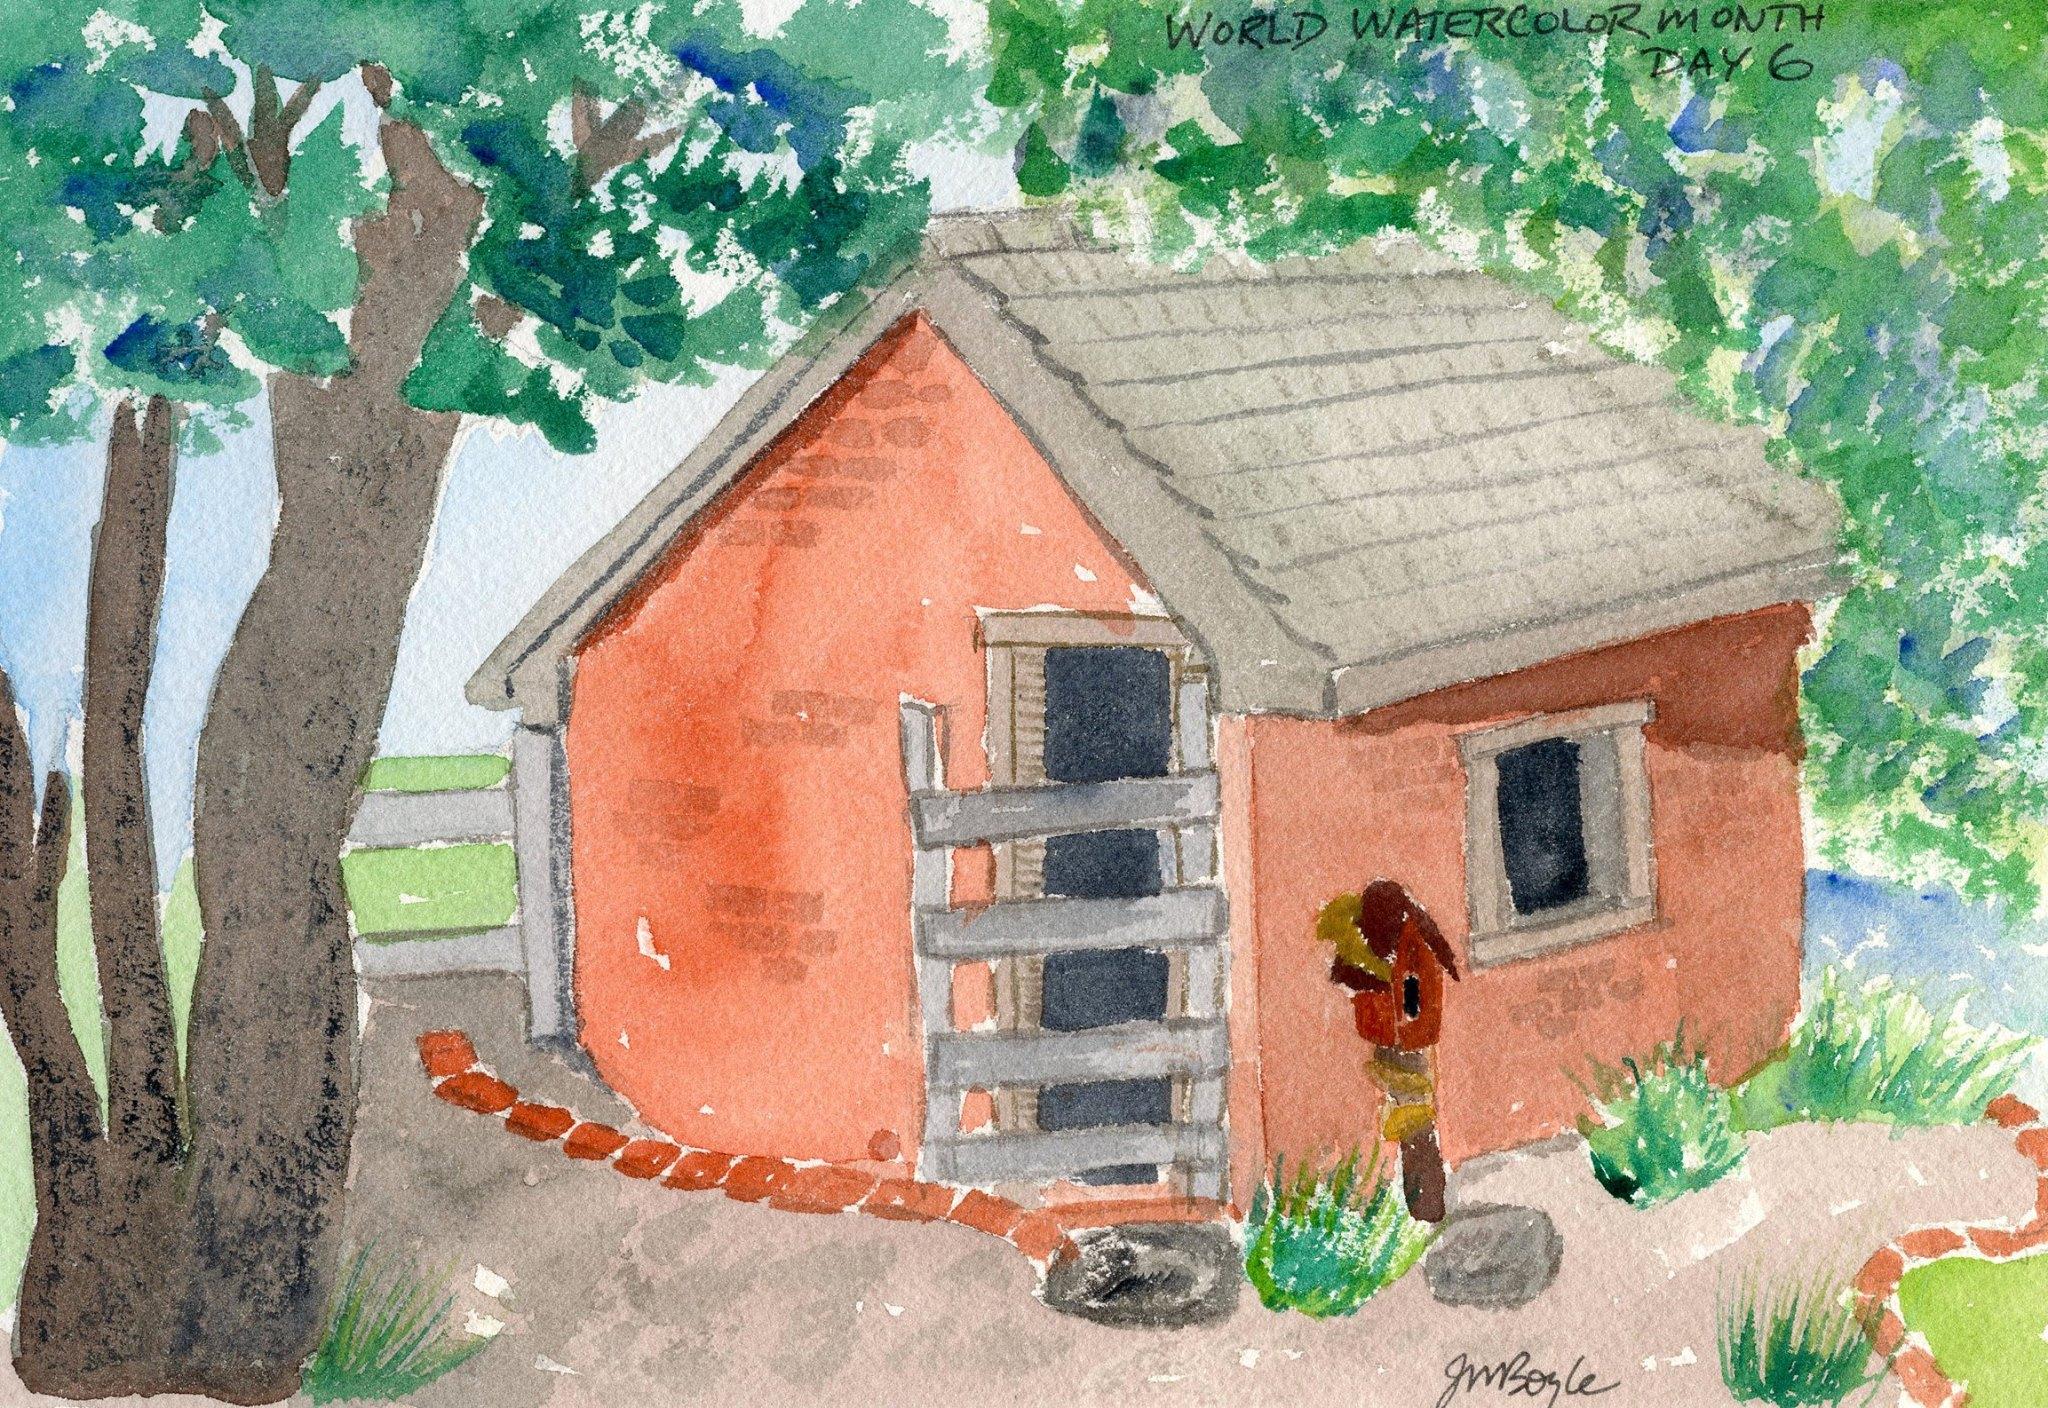 springhouse.jpg